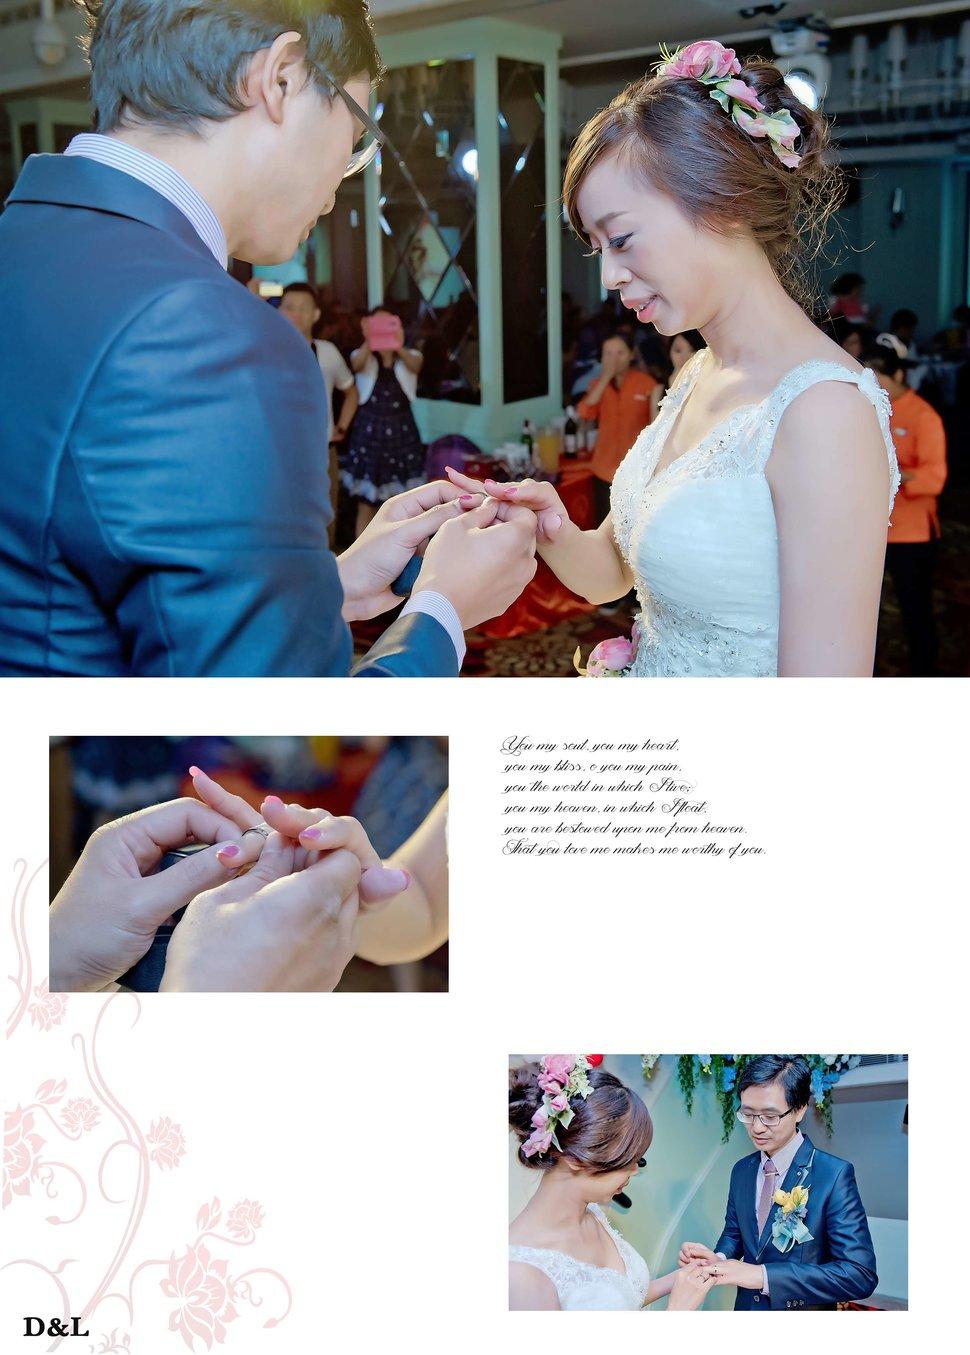 台中婚攝 婚禮記錄 維信&佩君-球愛物語景觀婚禮會館(編號:374408) - D&L 婚禮事務-婚紗攝影/婚禮記錄 - 結婚吧